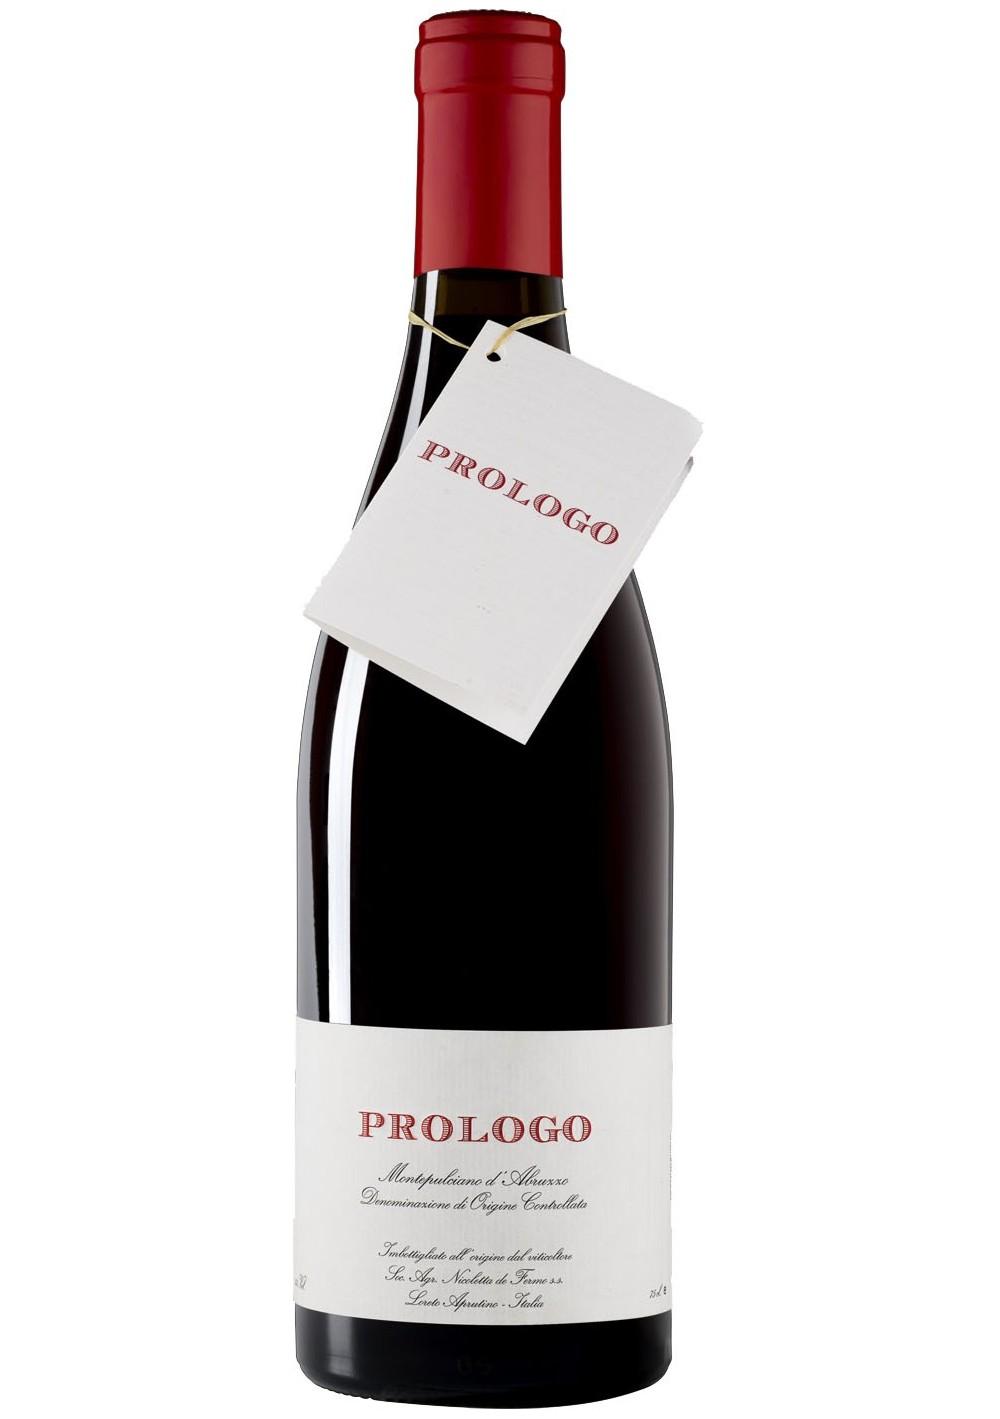 Prologo, Montepulciano d'Abruzzo DOC 2012 - De Fermo